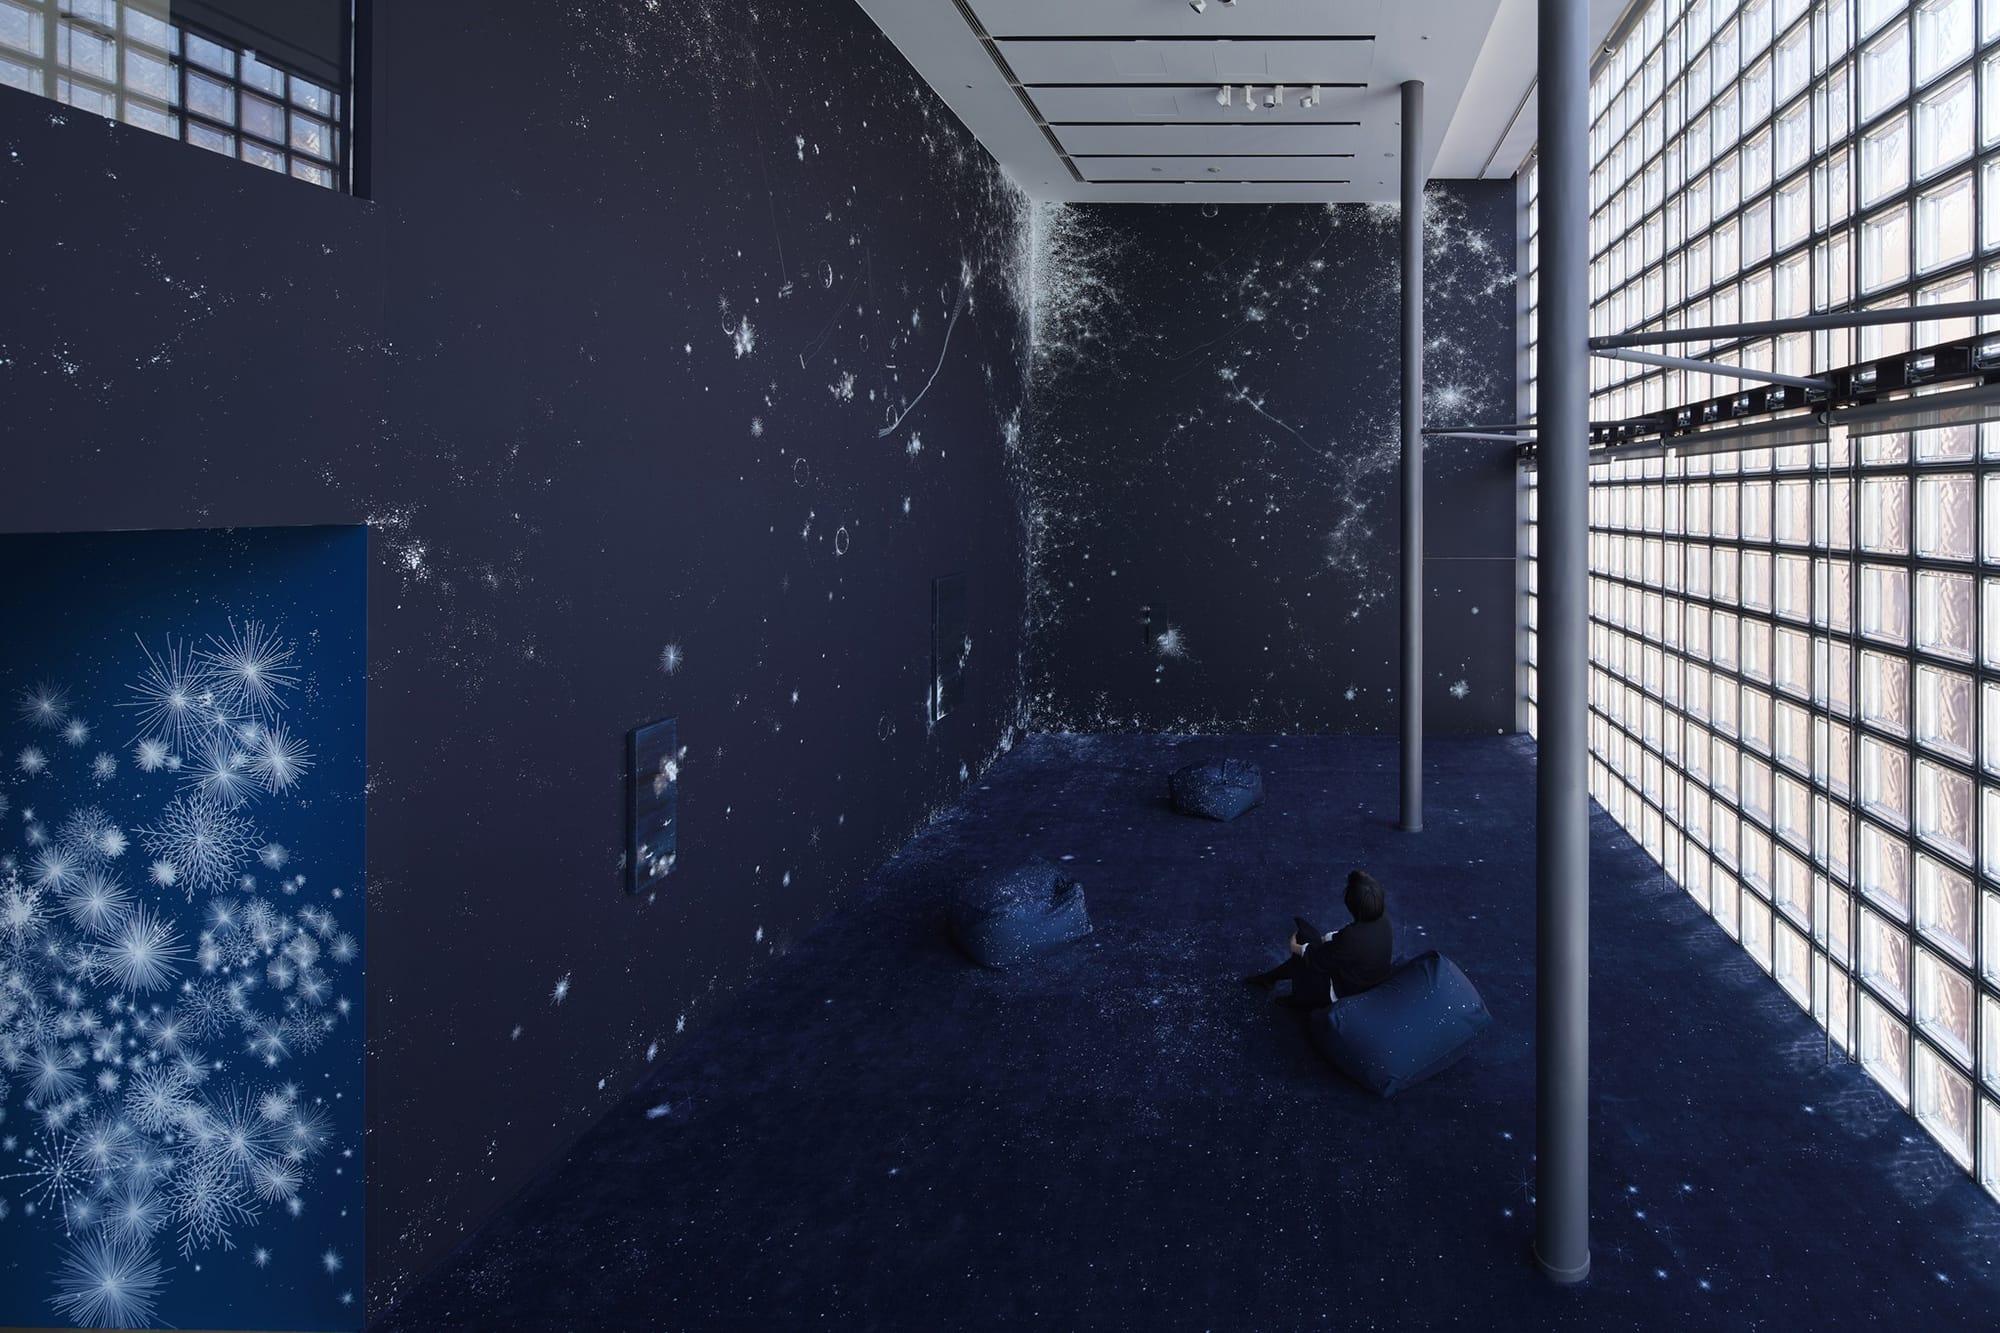 濃紺の壁面に無数の星のモチーフが描き出され、崇高な宇宙空間が表現されている。  展示風景/ Installation viewコズミック・ガーデン| 2020 |マーカー、アクリル、ペンキ、カンヴァス、木パネル、カーペット、スピーカー Cosmic Garden | 2020 | Permanent pen, acrylic, paint, wood panel, carpet, speaker ©Nacása & Partners Inc. / Courtesy of Fondation d'entreprise Hermès